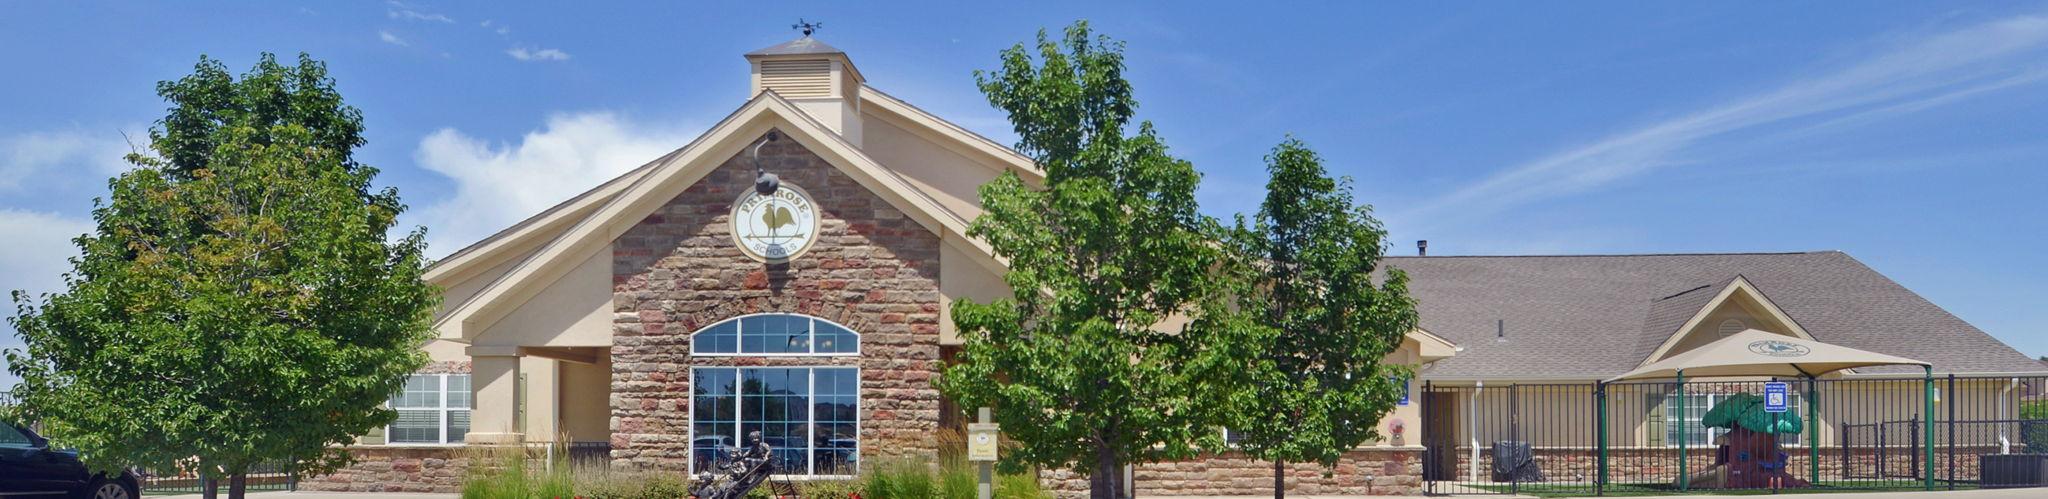 Exterior of a Primrose School of Erie at Vista Ridge